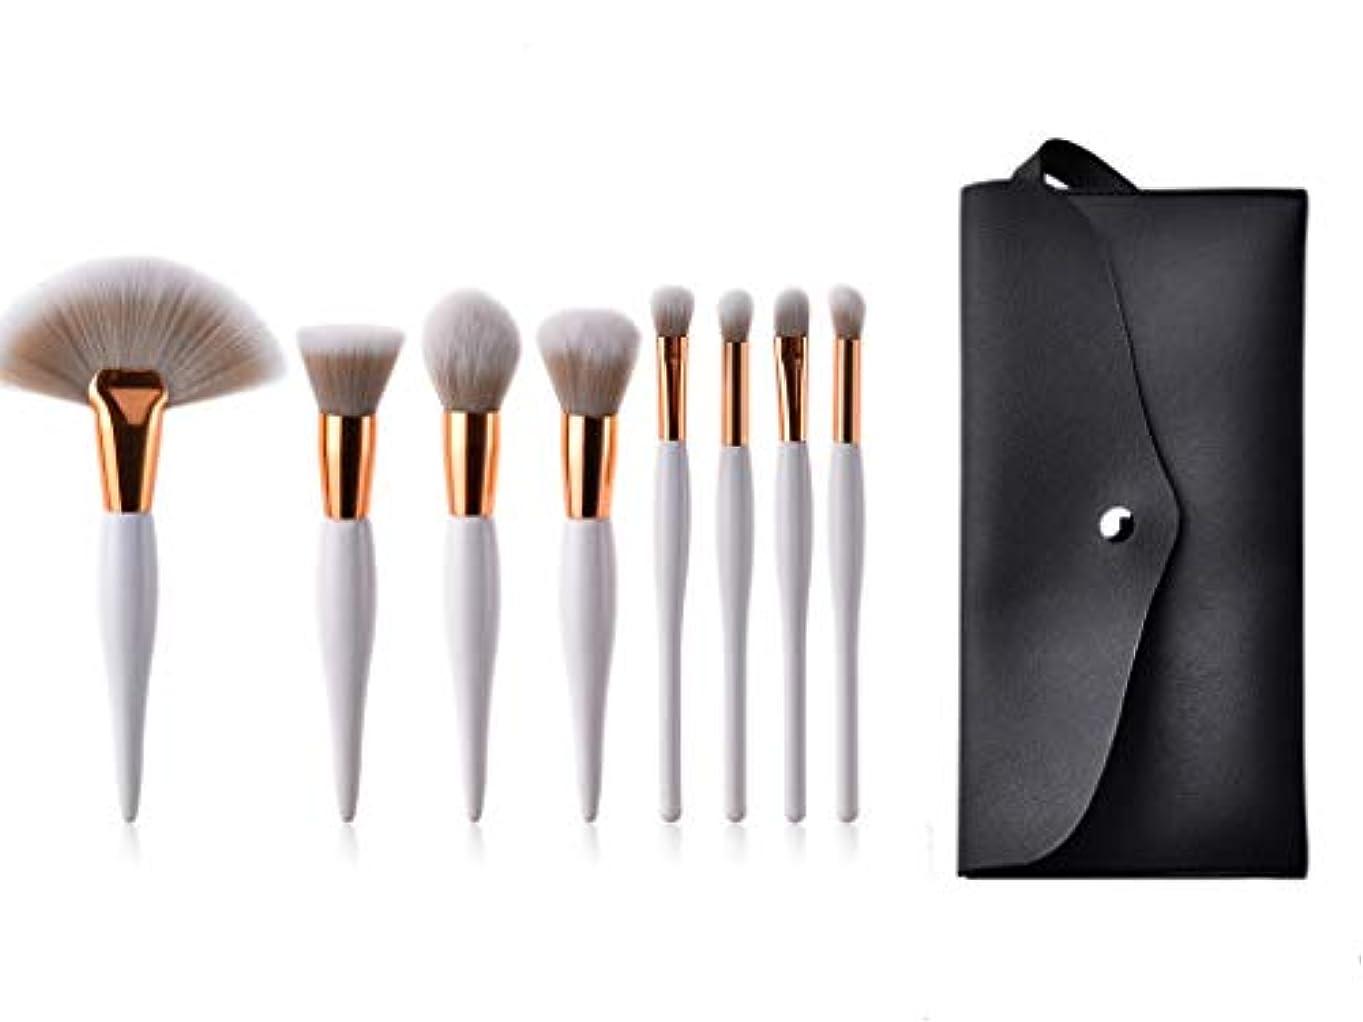 メイクブラシ 化粧ブラシセット 8本セット アイシャドウ アイライン ブラシ 高級柔らかい 人造繊維 化粧ポーチ付 白 優雅 曲線デザイン